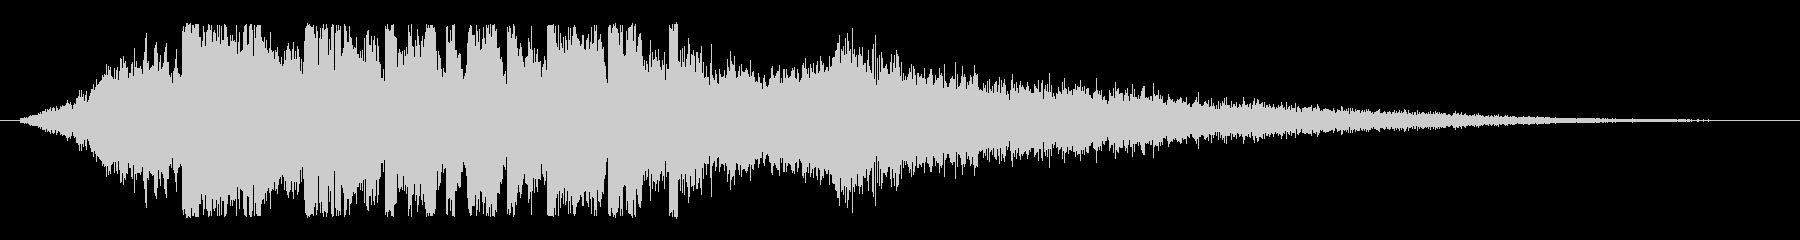 ディープ&クール!未来的デジタルロゴ!の未再生の波形